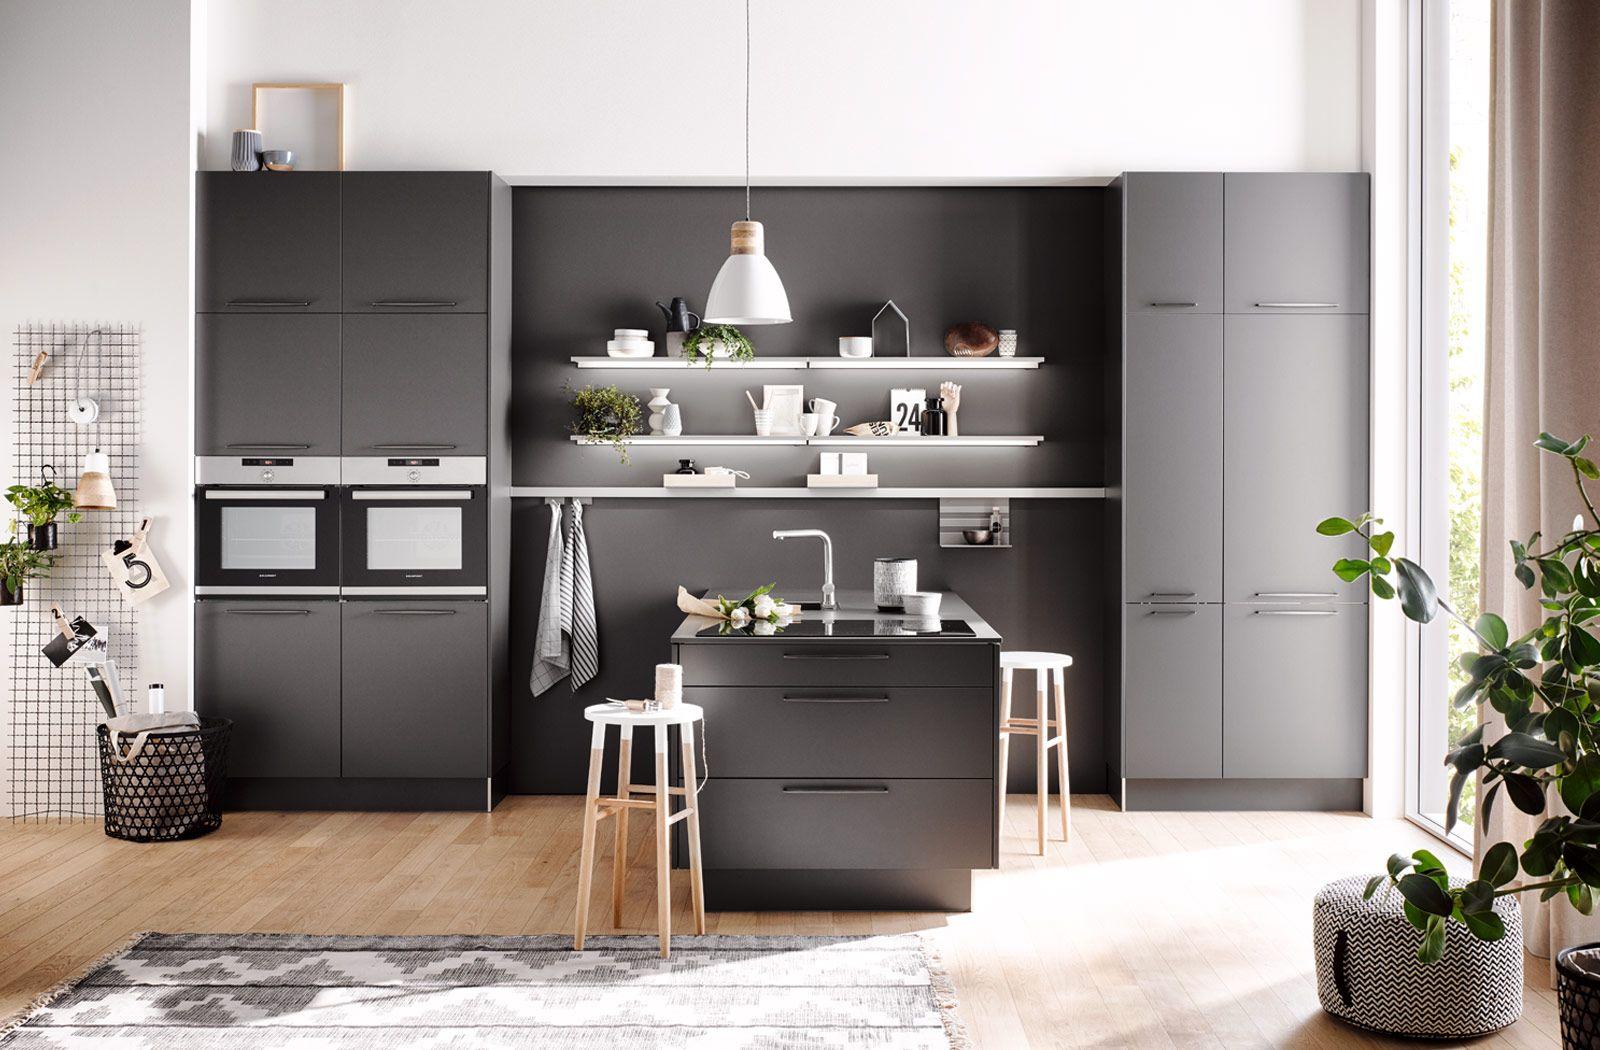 Classic/Art - Häcker Küchen | Welhome 2018 Classic | Pinterest ...